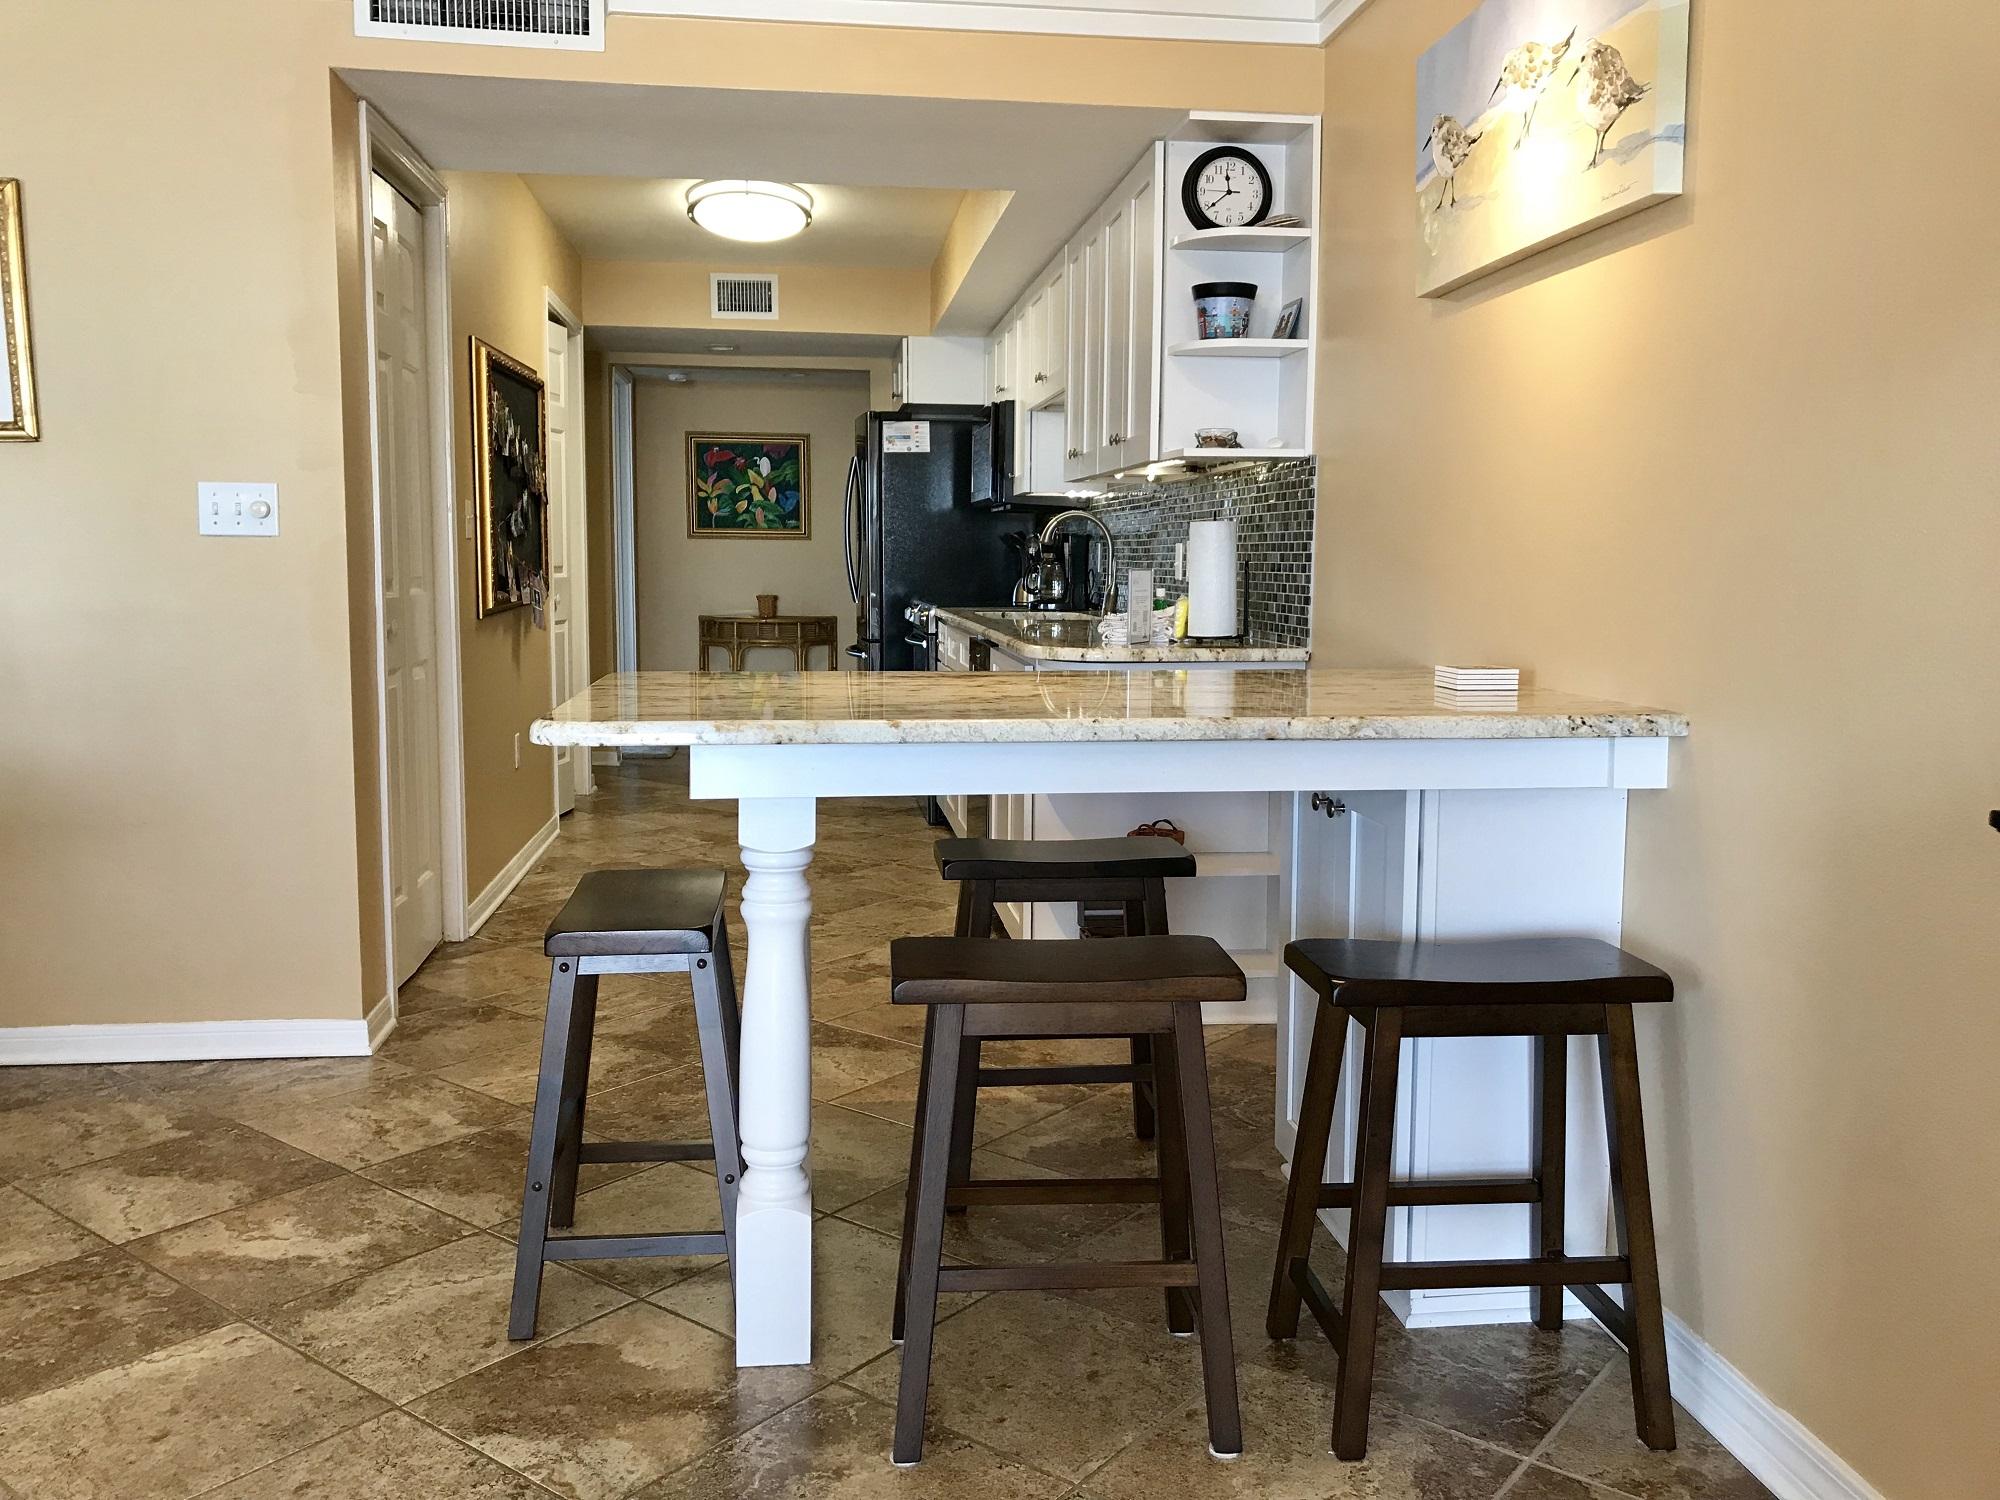 Ocean House 2606 Condo rental in Ocean House - Gulf Shores in Gulf Shores Alabama - #17